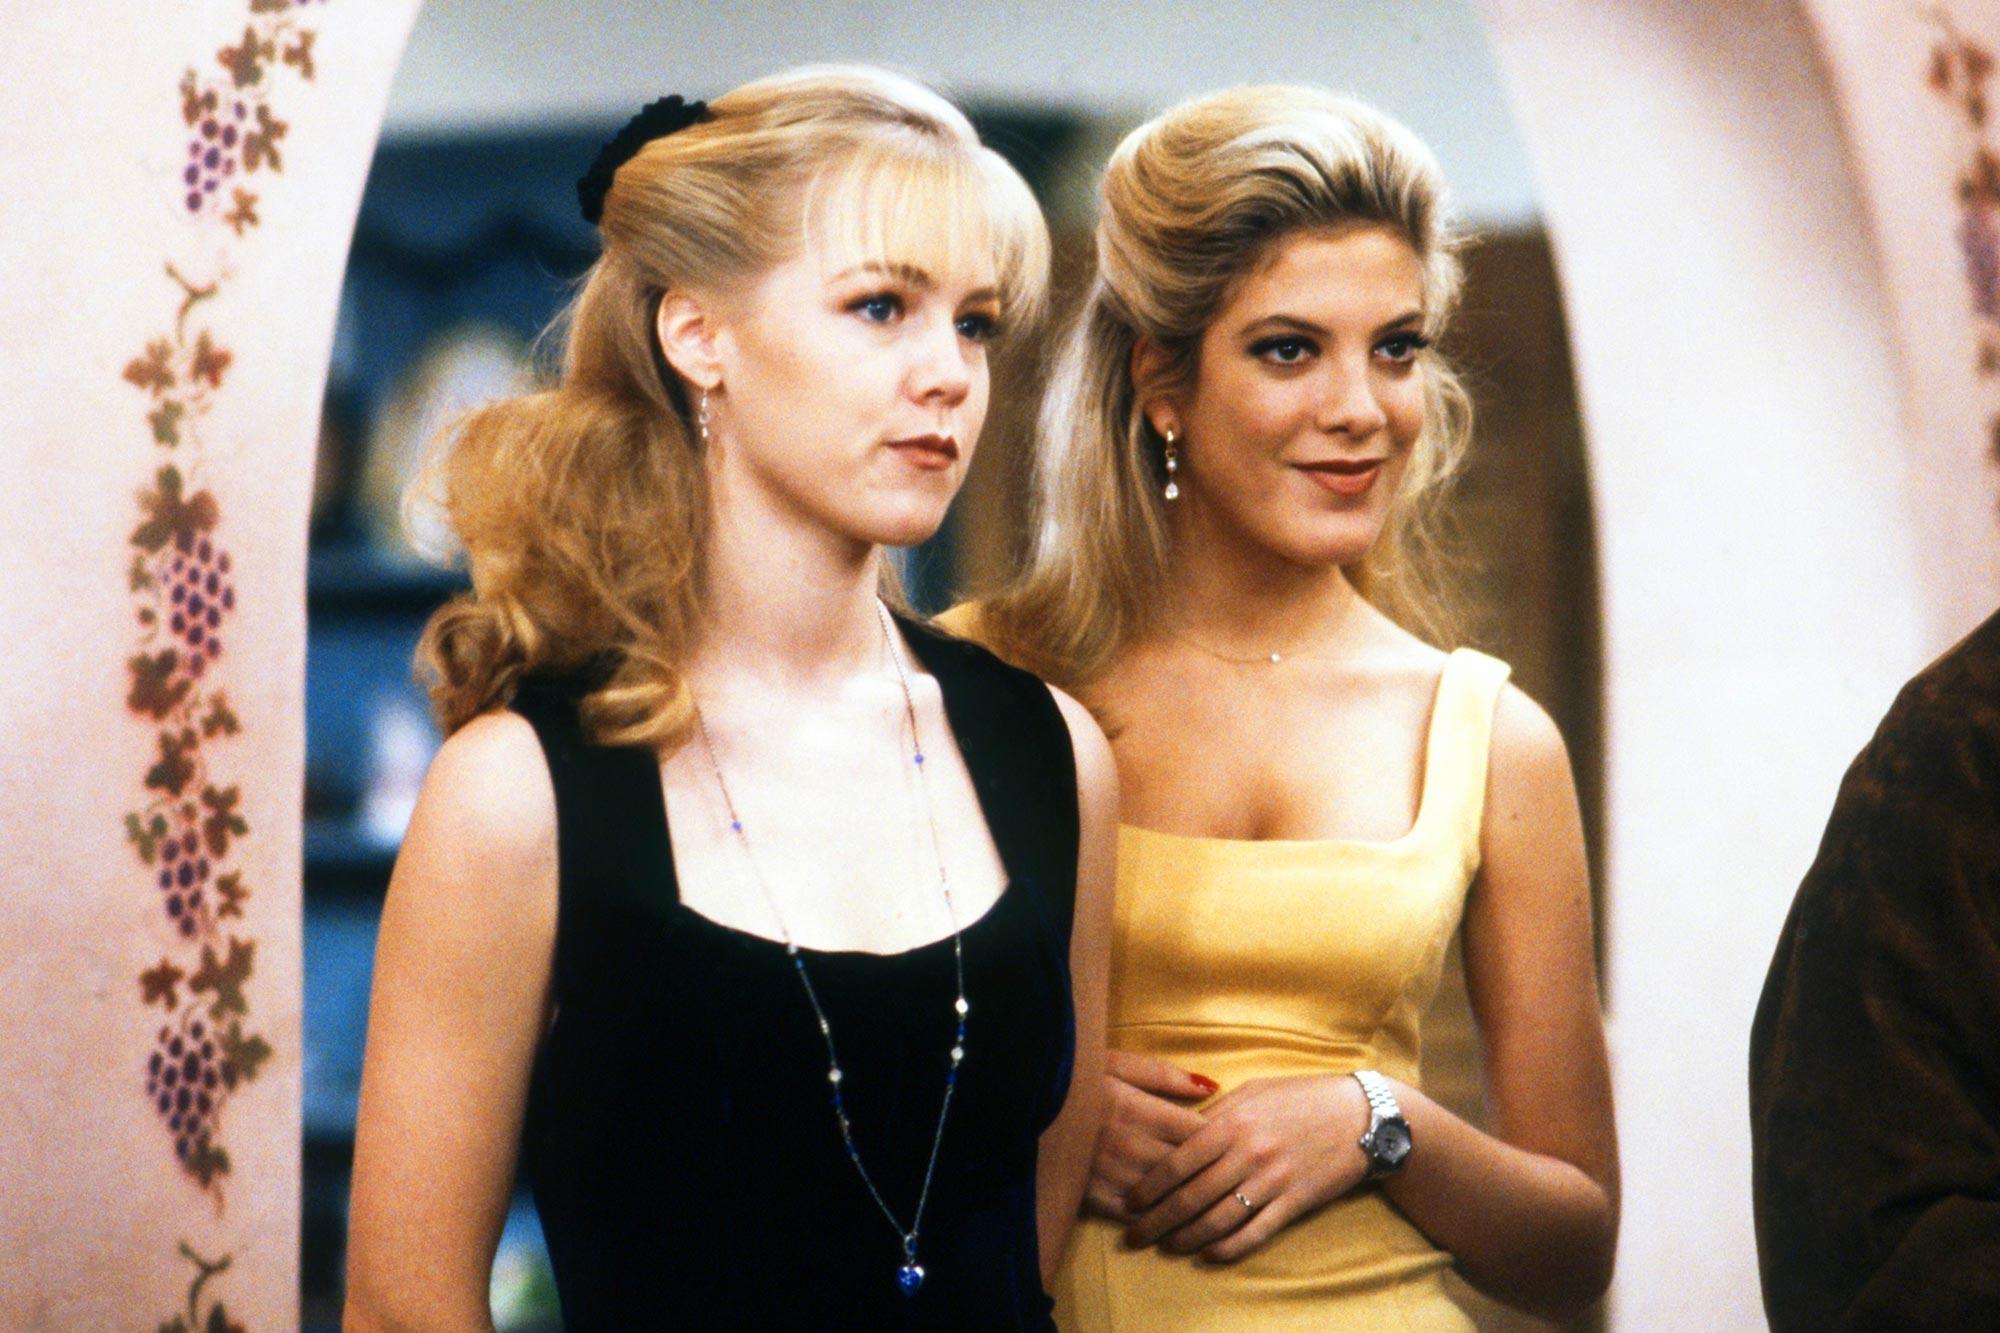 BEVERLY HILLS, 90210 Jennie Garth, Tori Spelling